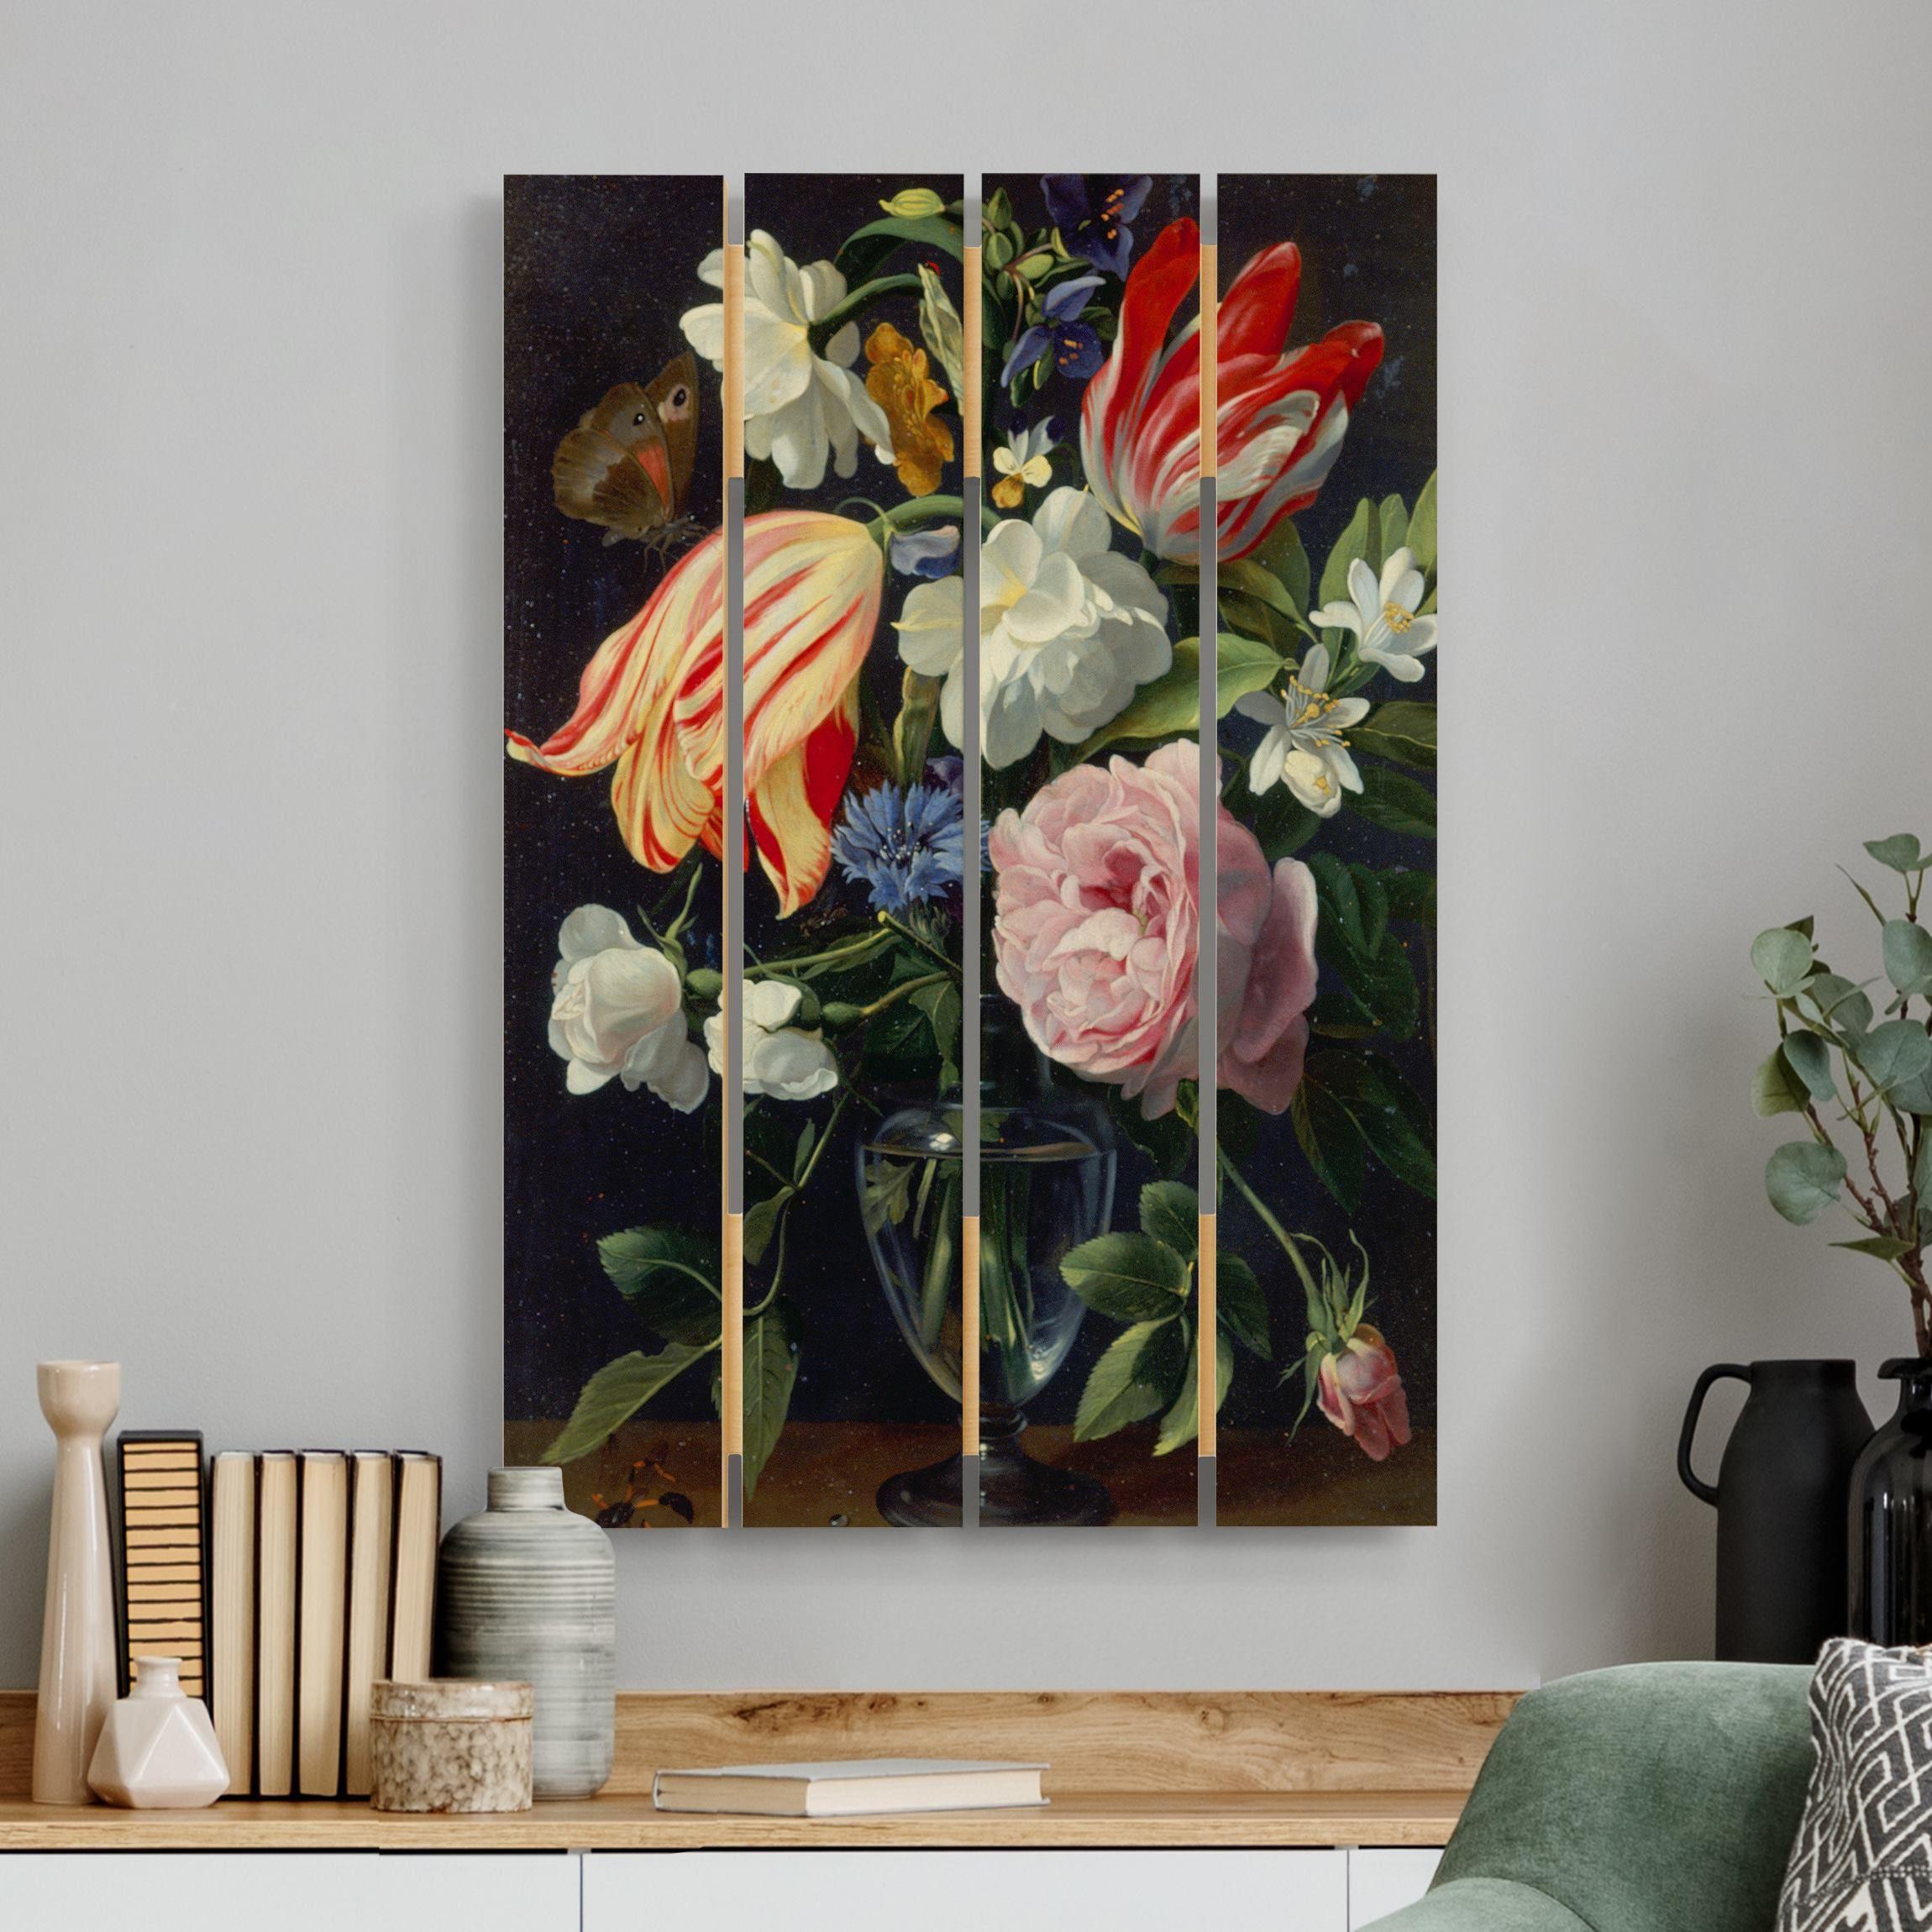 Holzbild Plankenoptik Blumen - Hochformat Daniel Seghers - Vase mit Blumen günstig online kaufen